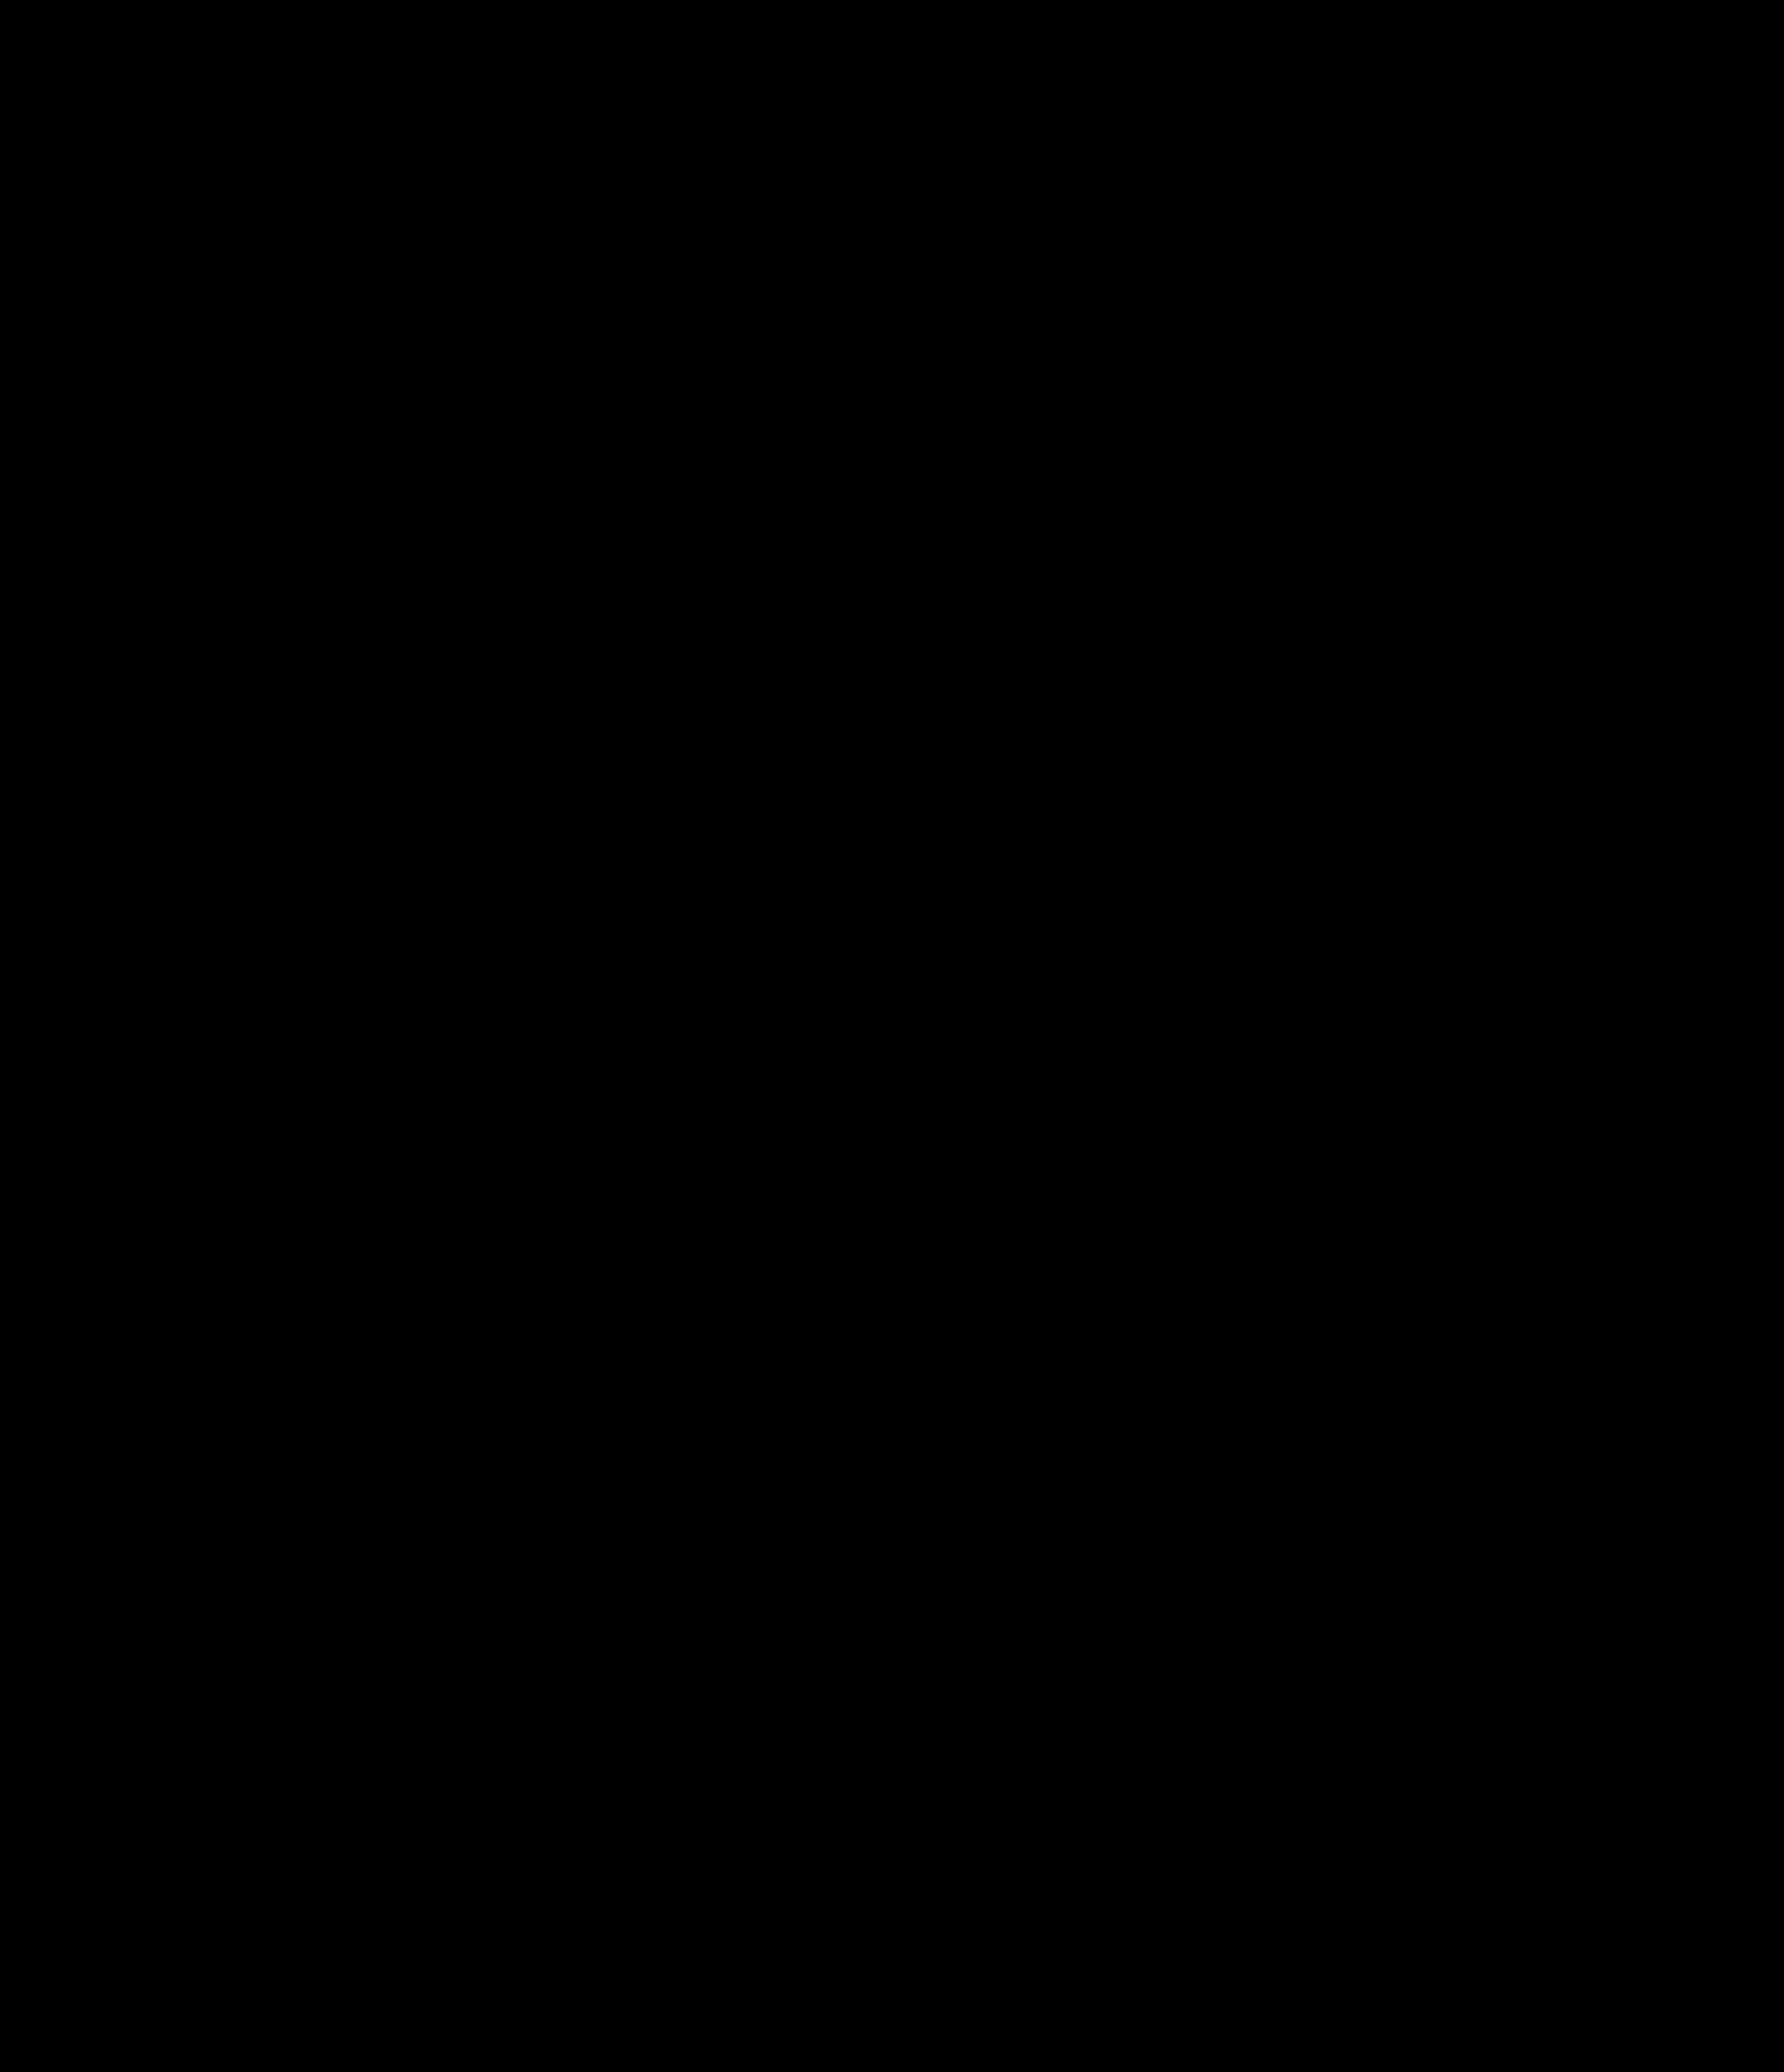 SpinDrift Barbering Co